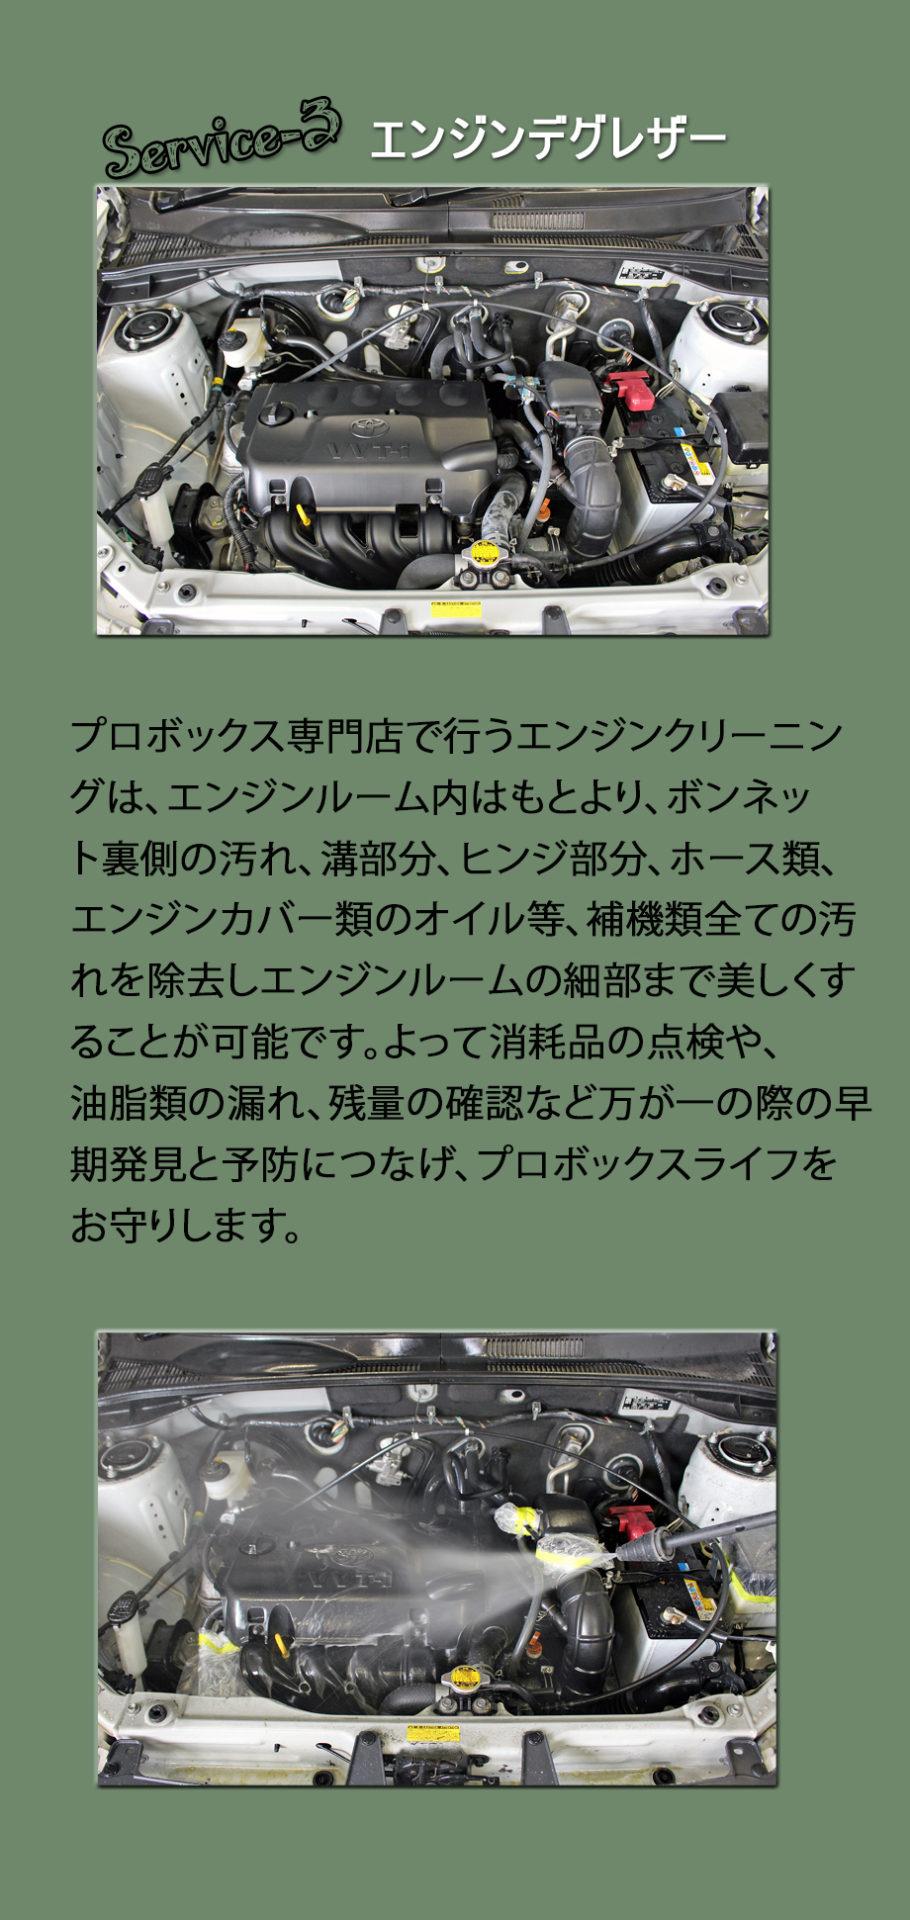 プロボックスLU55クラシックカスタムパッケージプレミアムサービスエンジンデグレザー